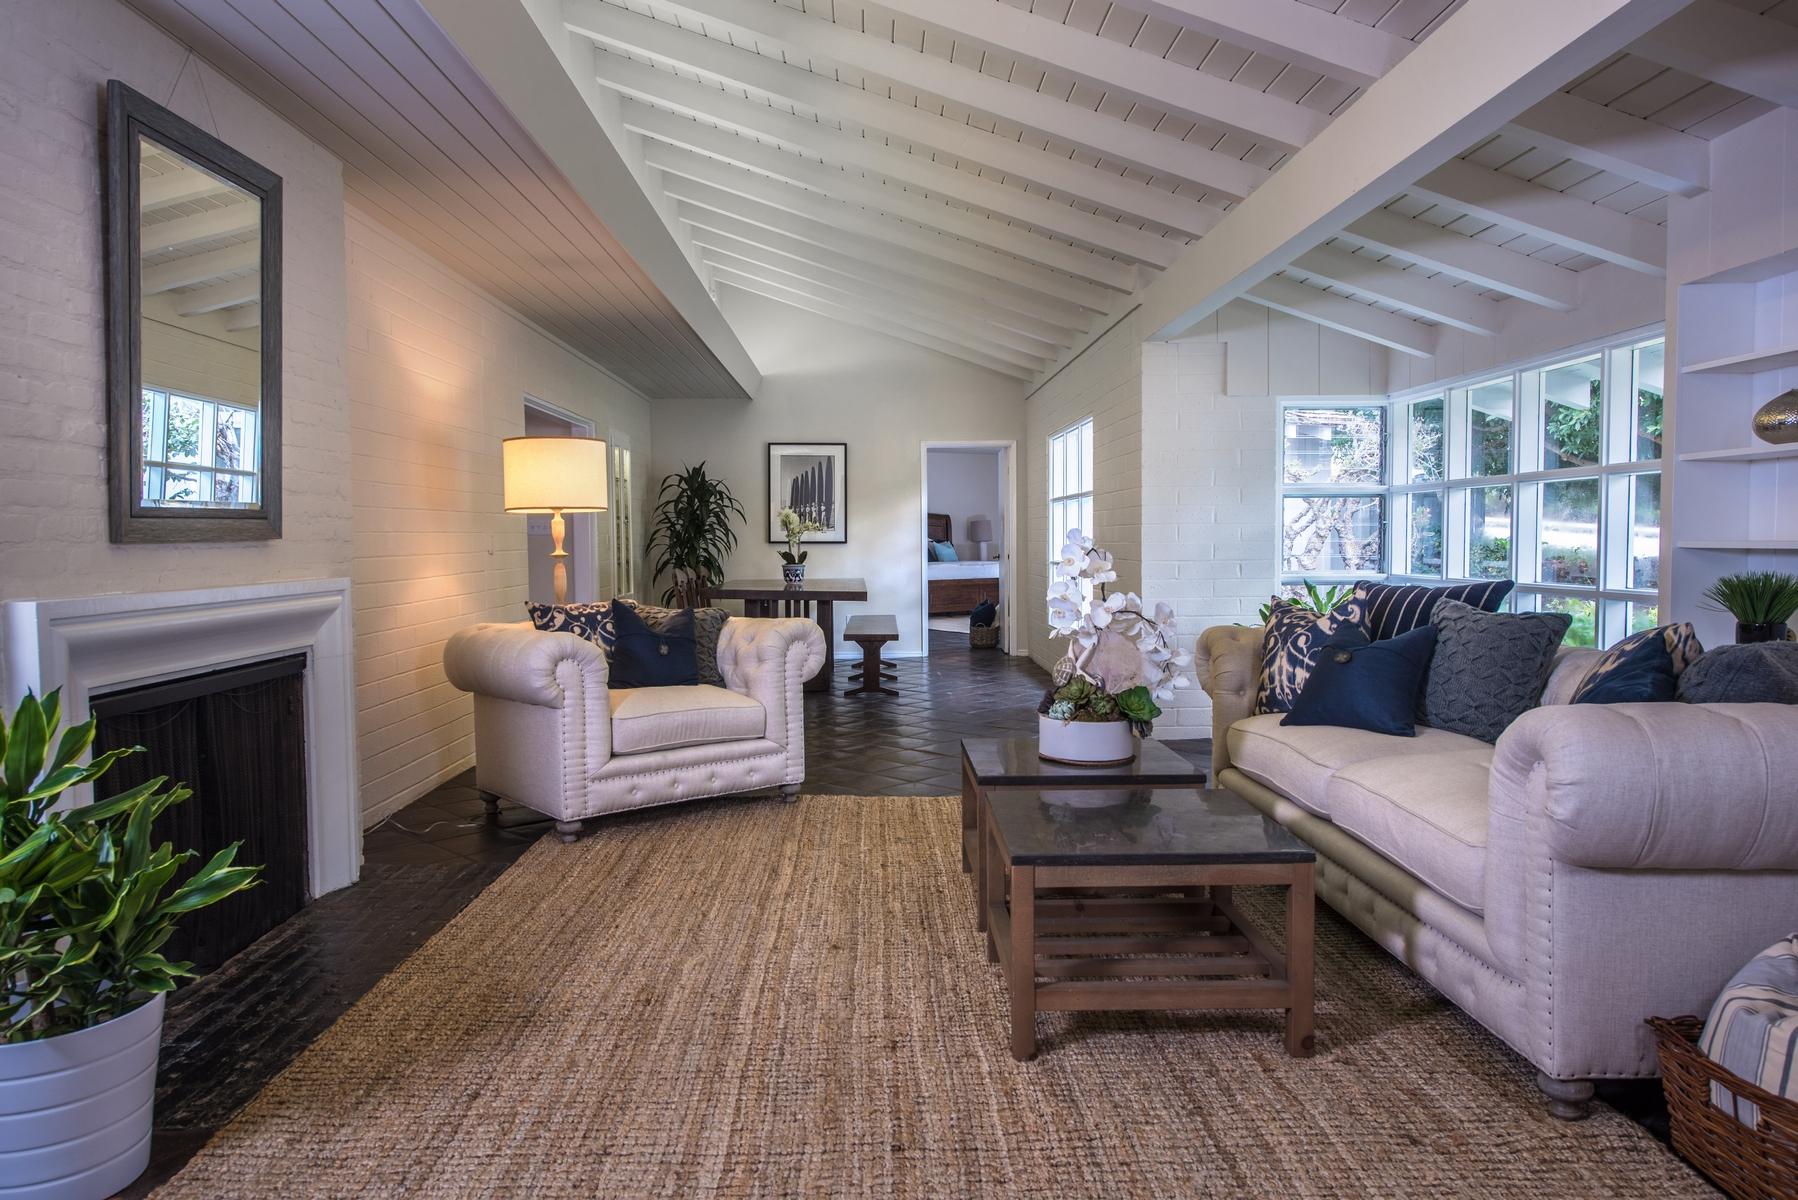 Single Family Home for Sale at 720 Camino De La Costa La Jolla, California, 92037 United States